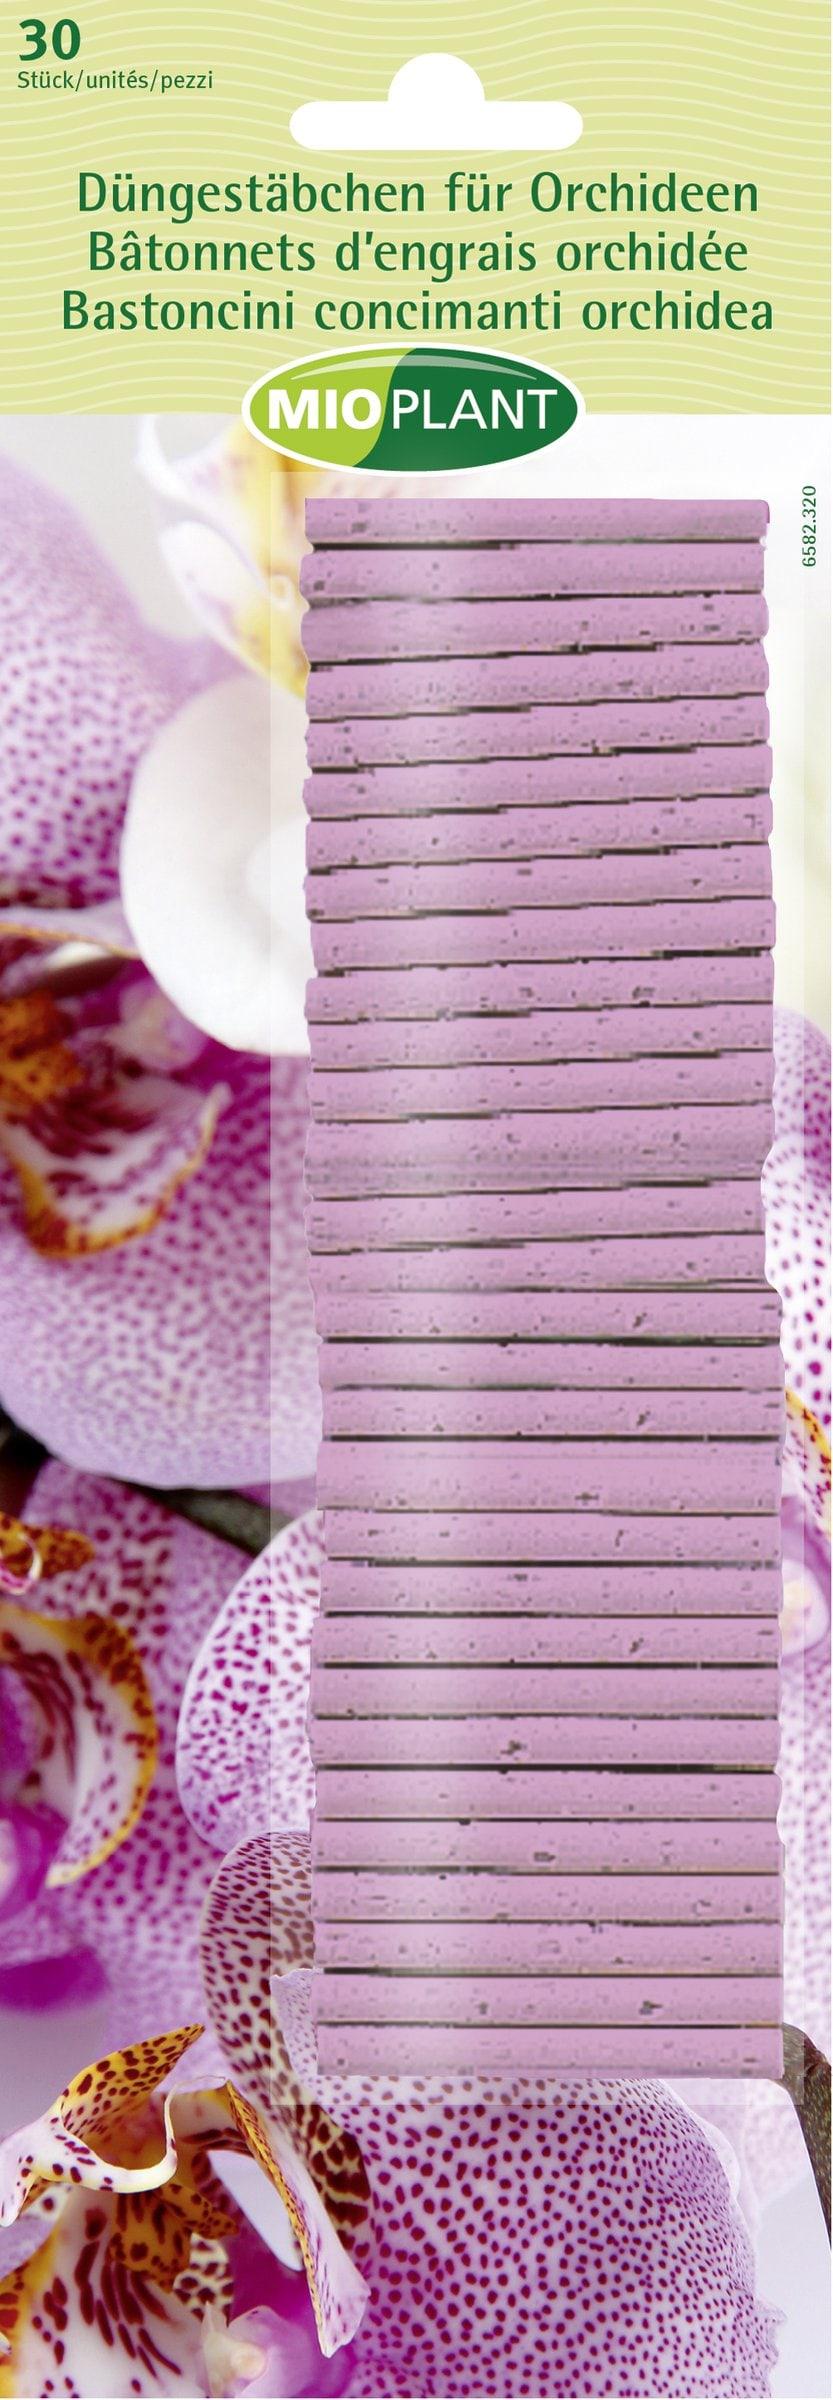 Mioplant Düngestäbchen für Orchideen, 30 Stück